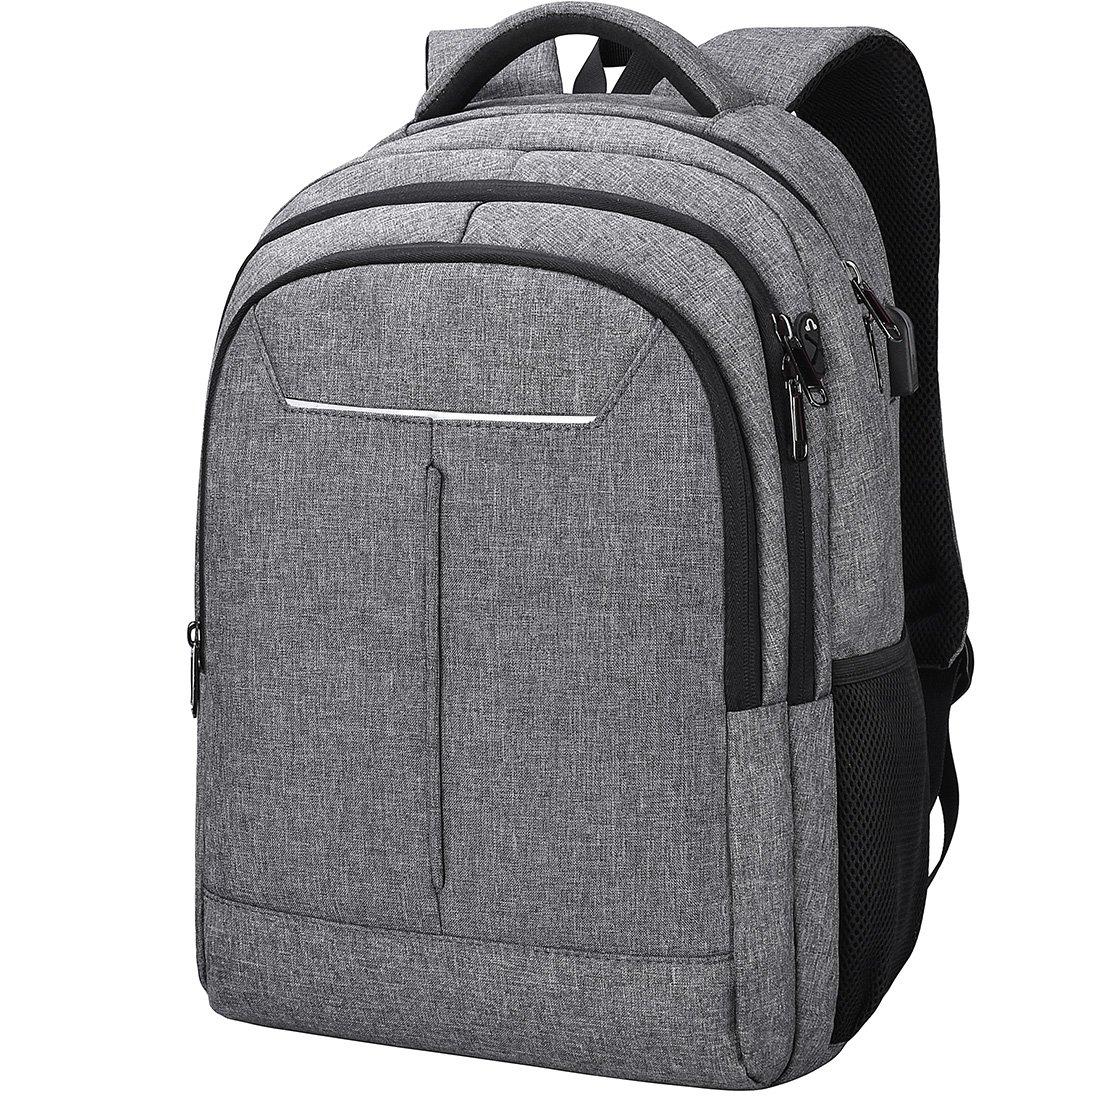 NEWHEY Sac à Dos Ordinateur Hommes 15.6 Pouces Imperméablet de Charge USB Port Grande Capacité Laptop d'affaires Sac Portable Voyage College Knapsack Gris NH8813grey